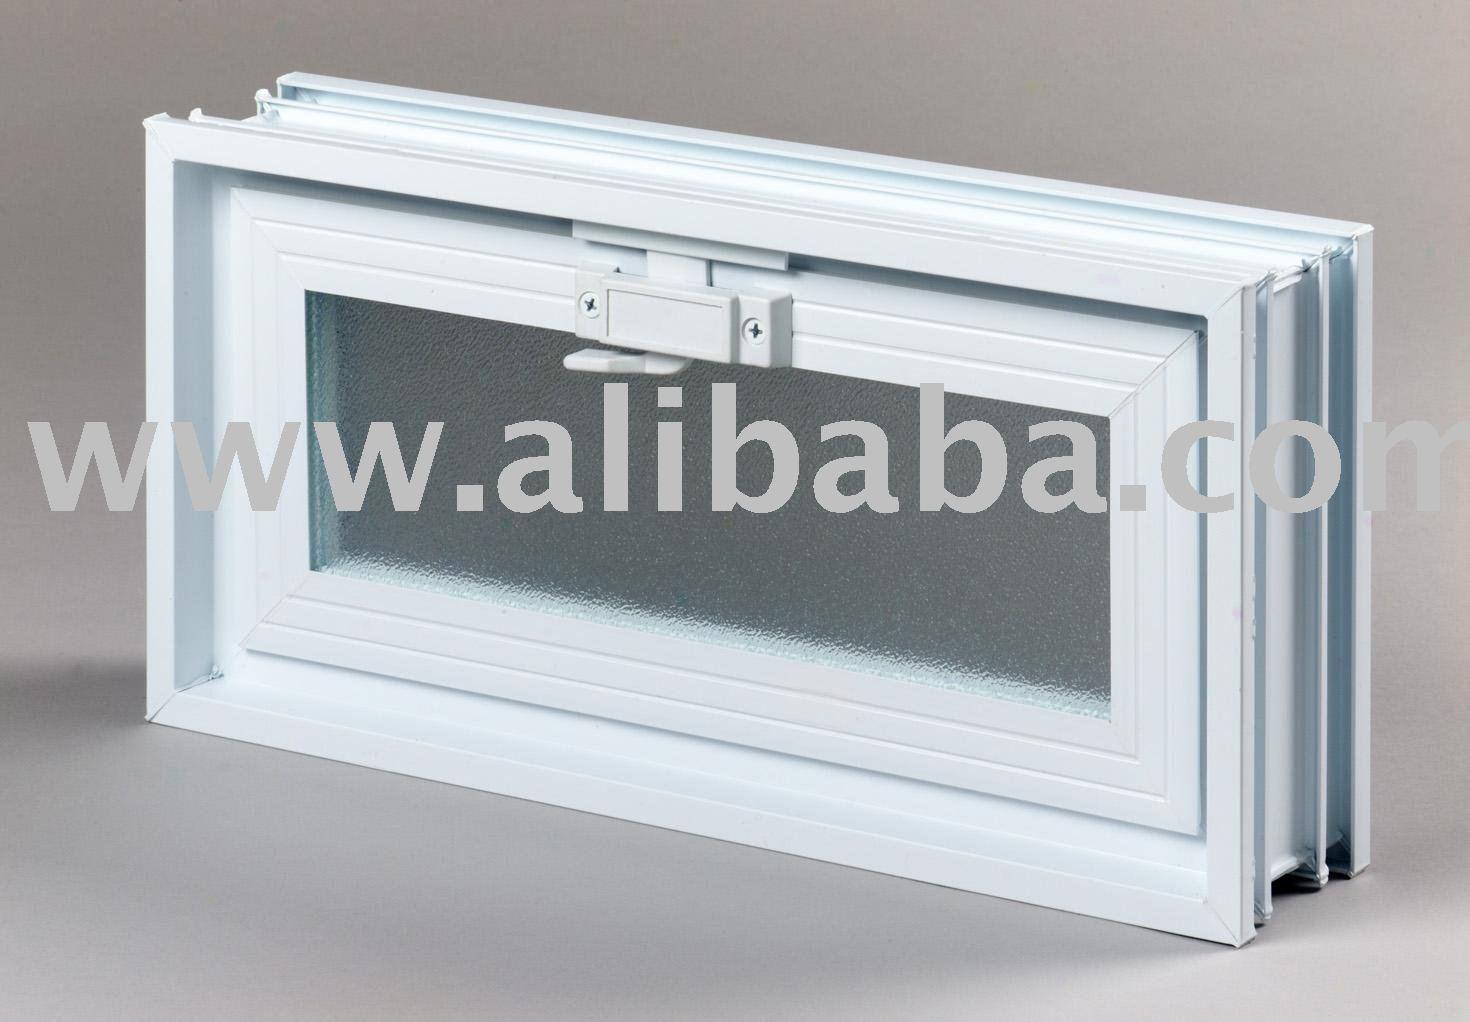 Bloques de vidrio rejillas de ventilaci n ventanas - Bloque de vidrio precio ...